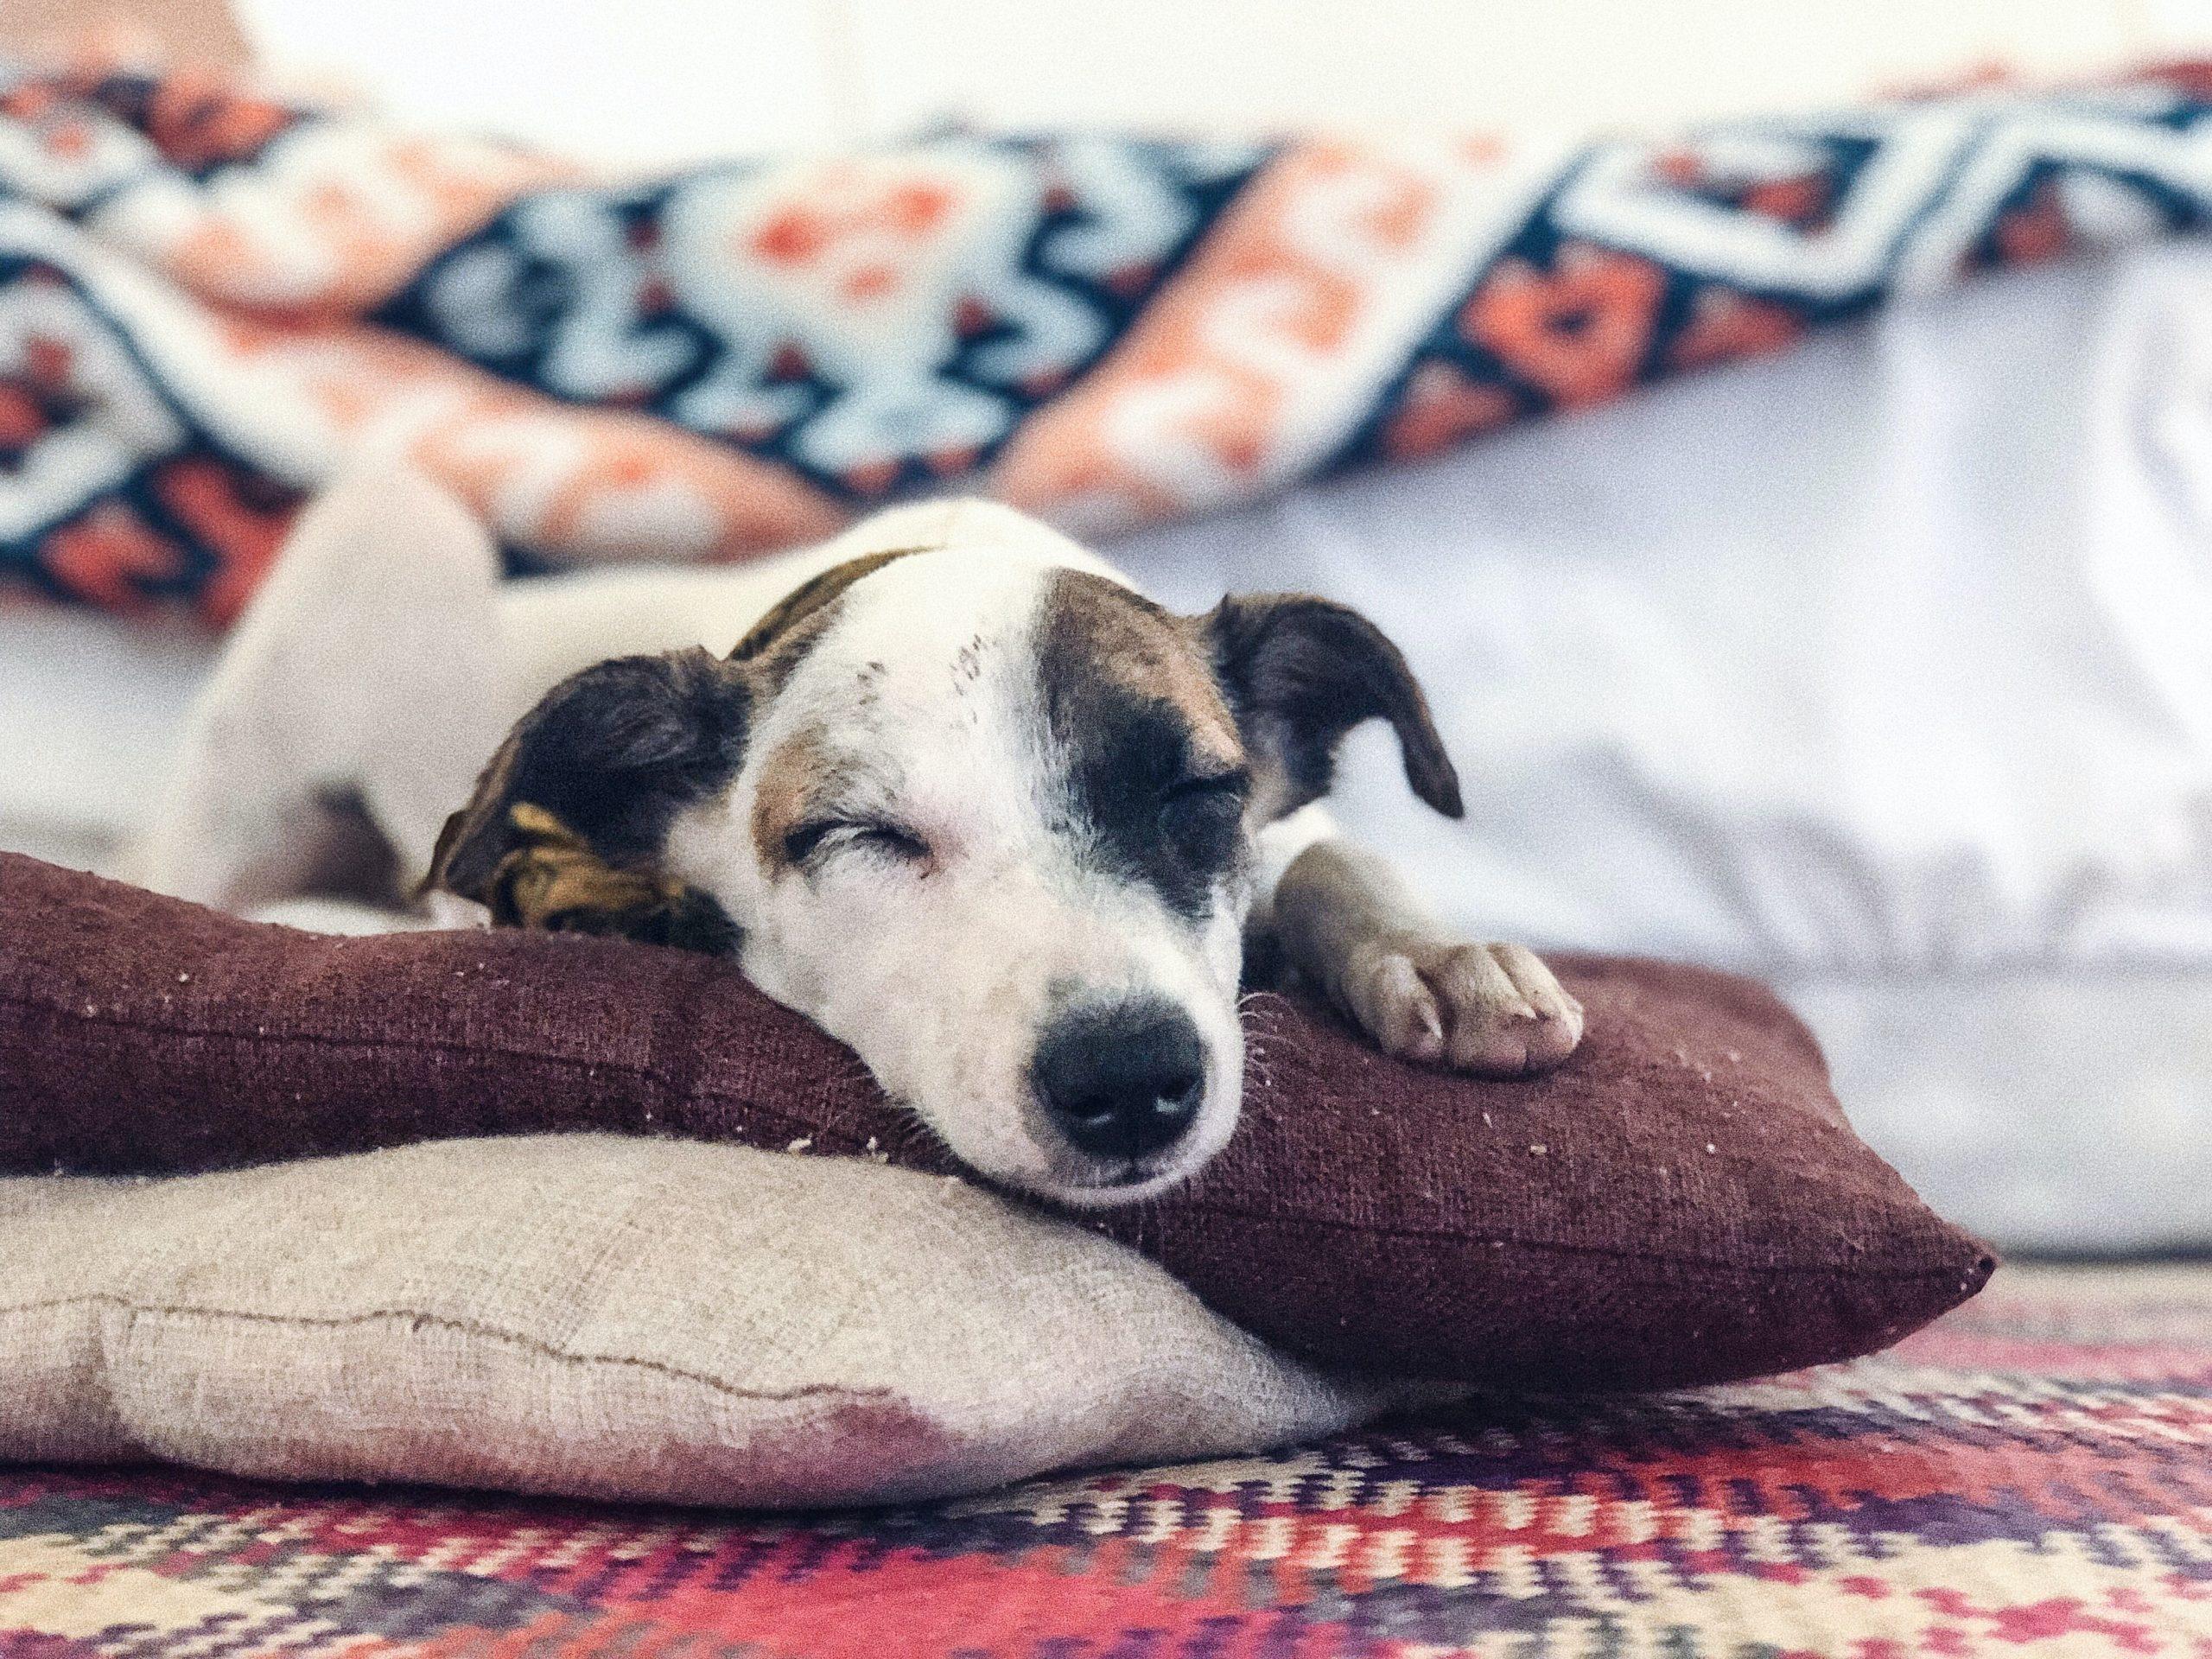 Perro de raza pequeña sobre almohadas